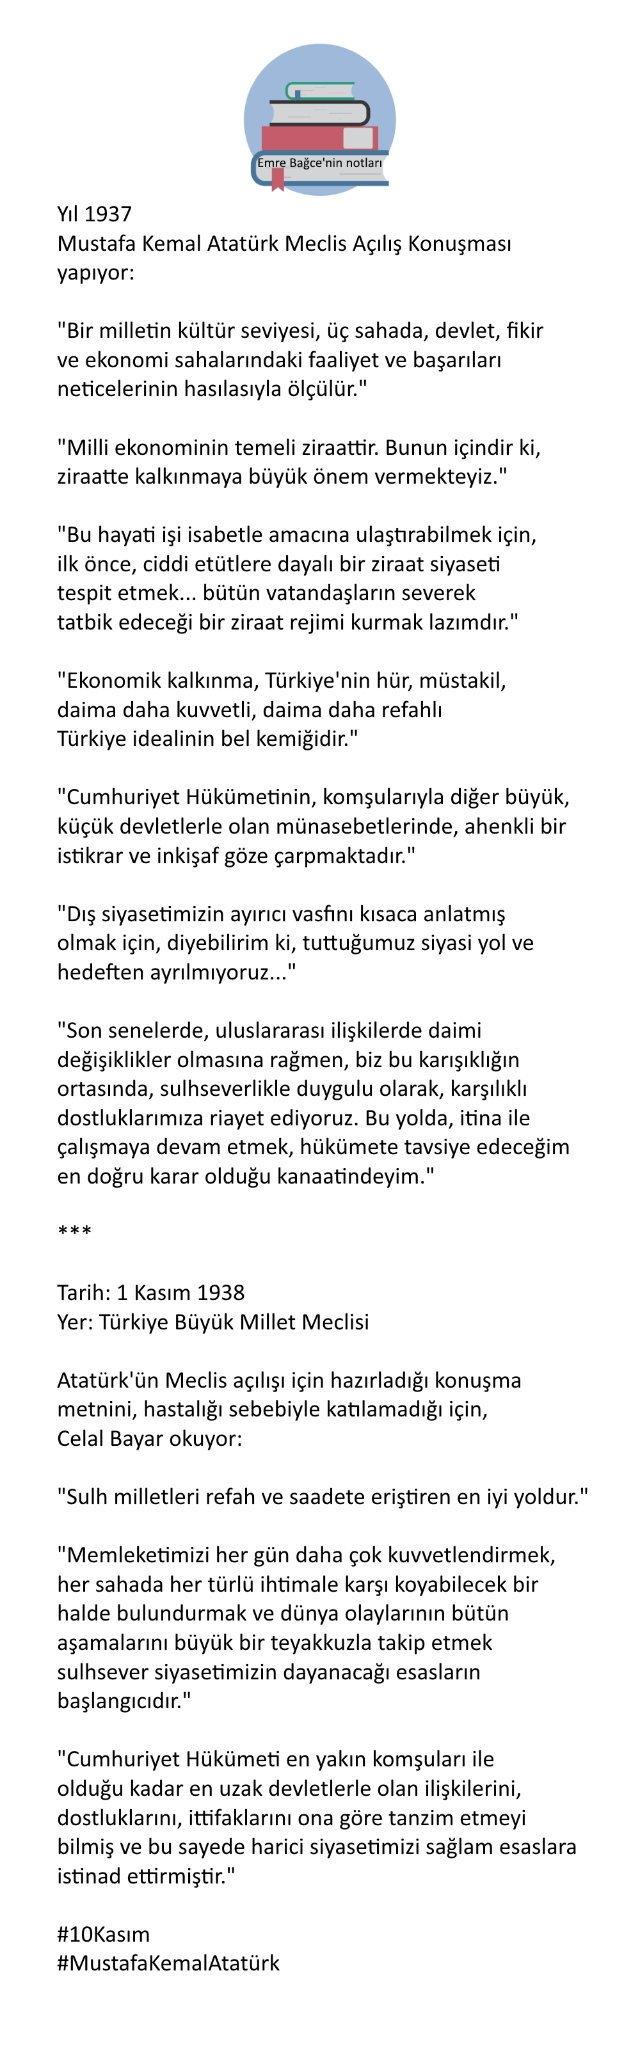 atatürkün meclis açılış konuşması